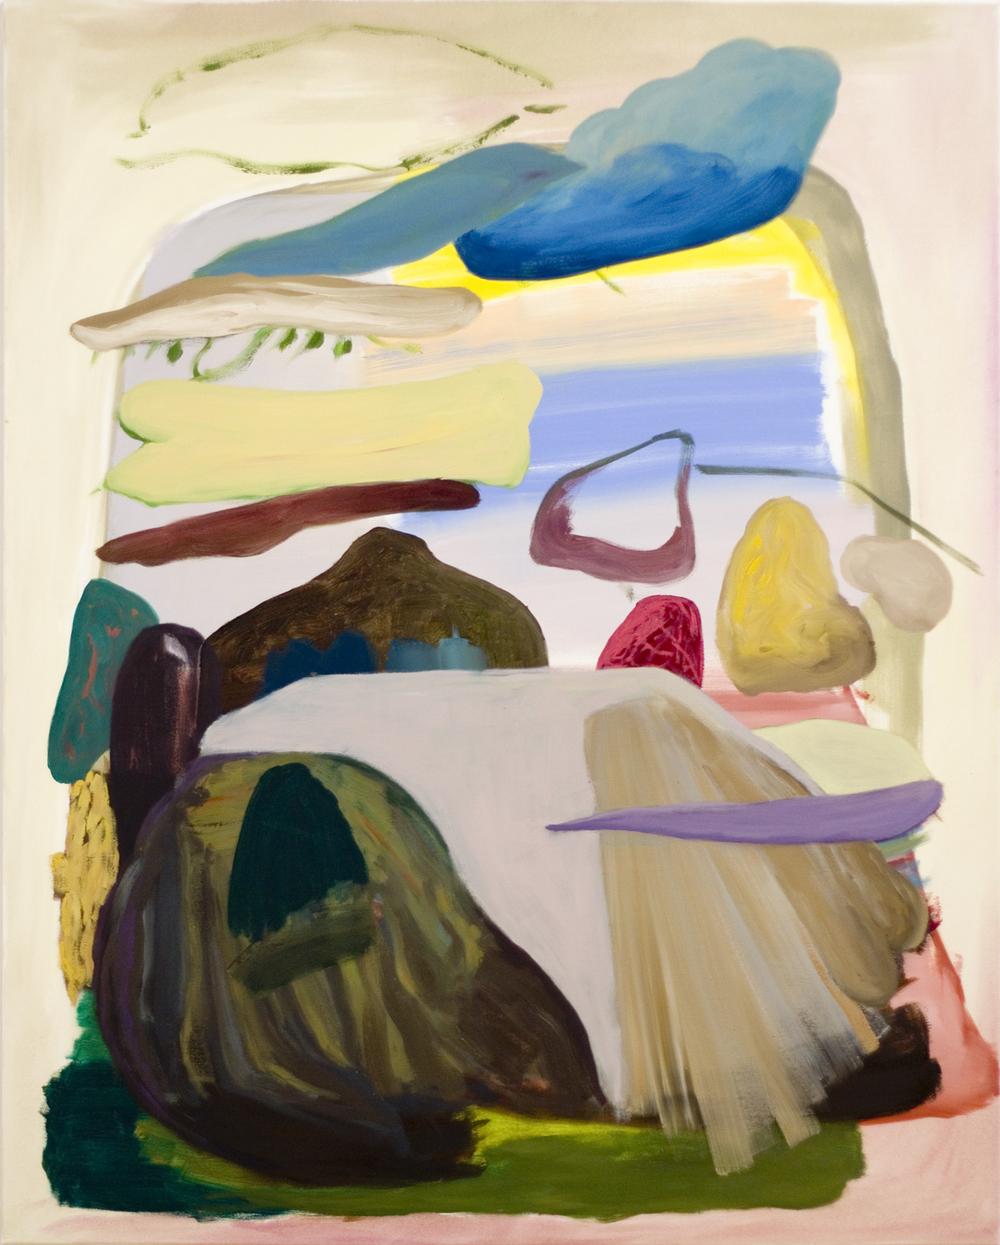 ohne Titel, Öl auf Leinwand, 150 x 120 cm